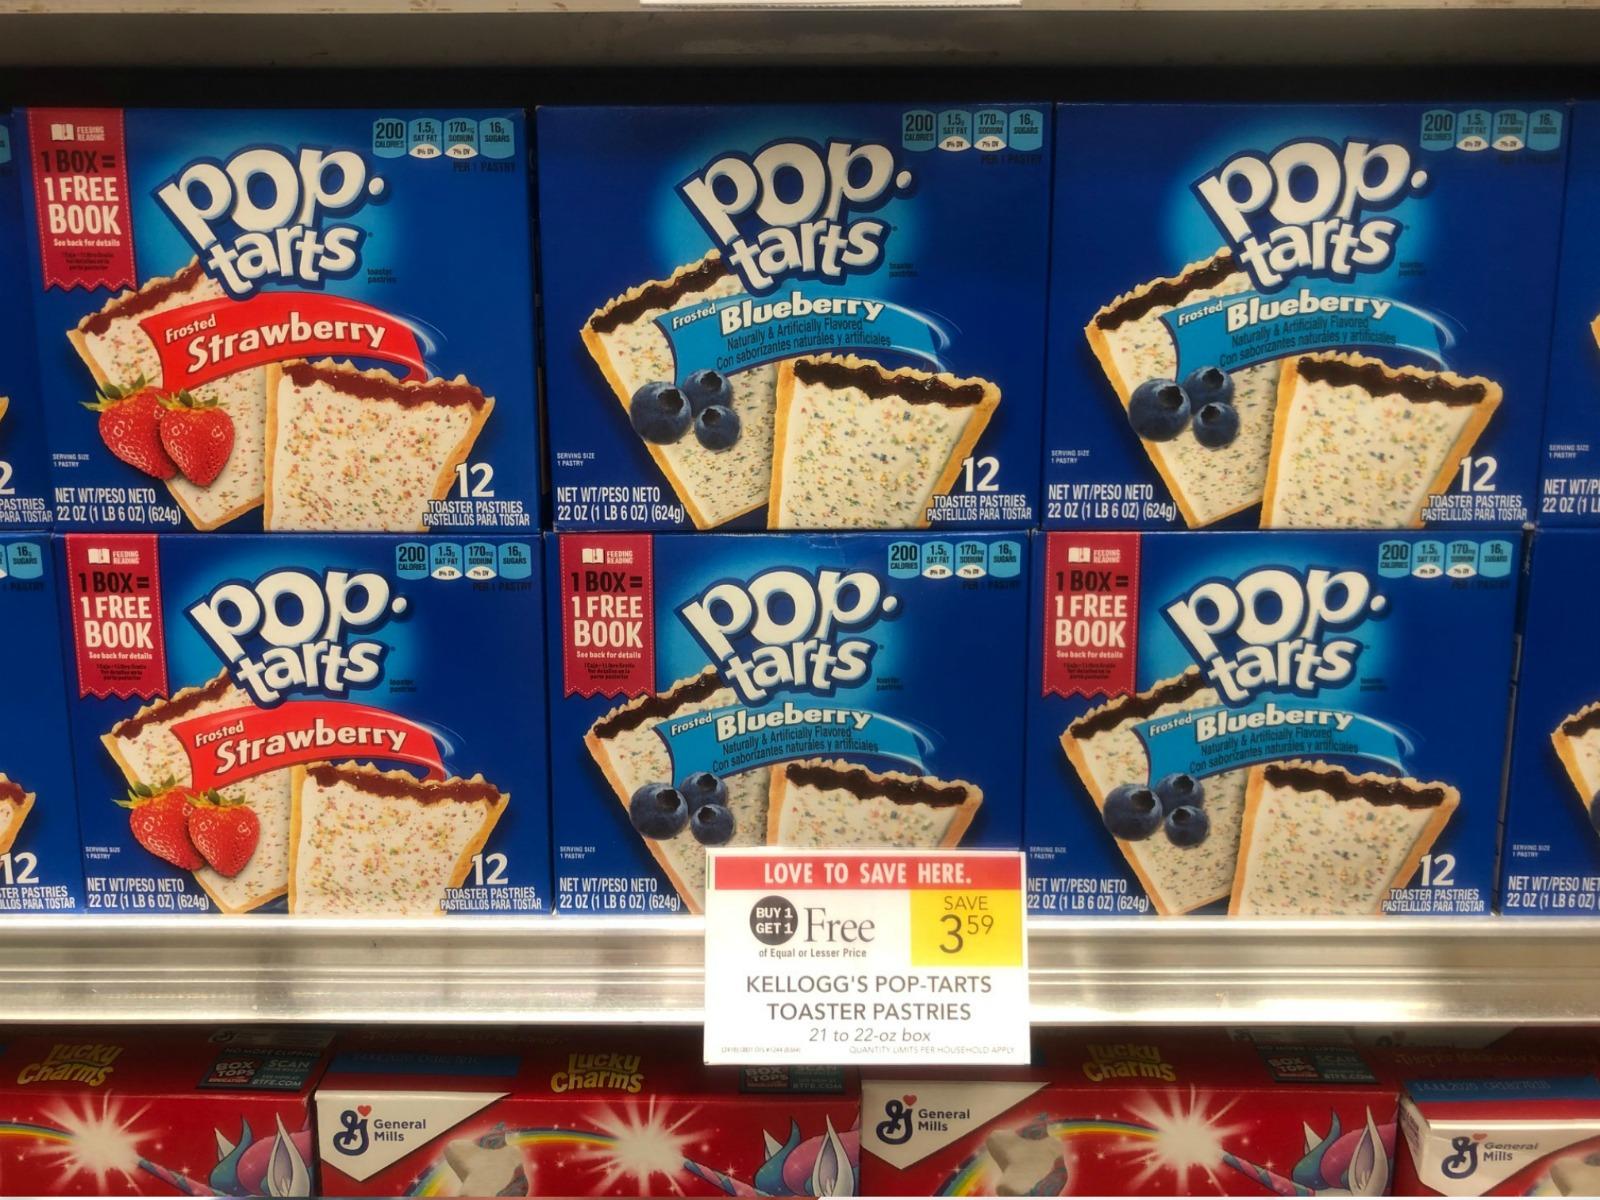 Kellogg's Pop-Tarts Only $1.30 Per Big Box At Publix on I Heart Publix